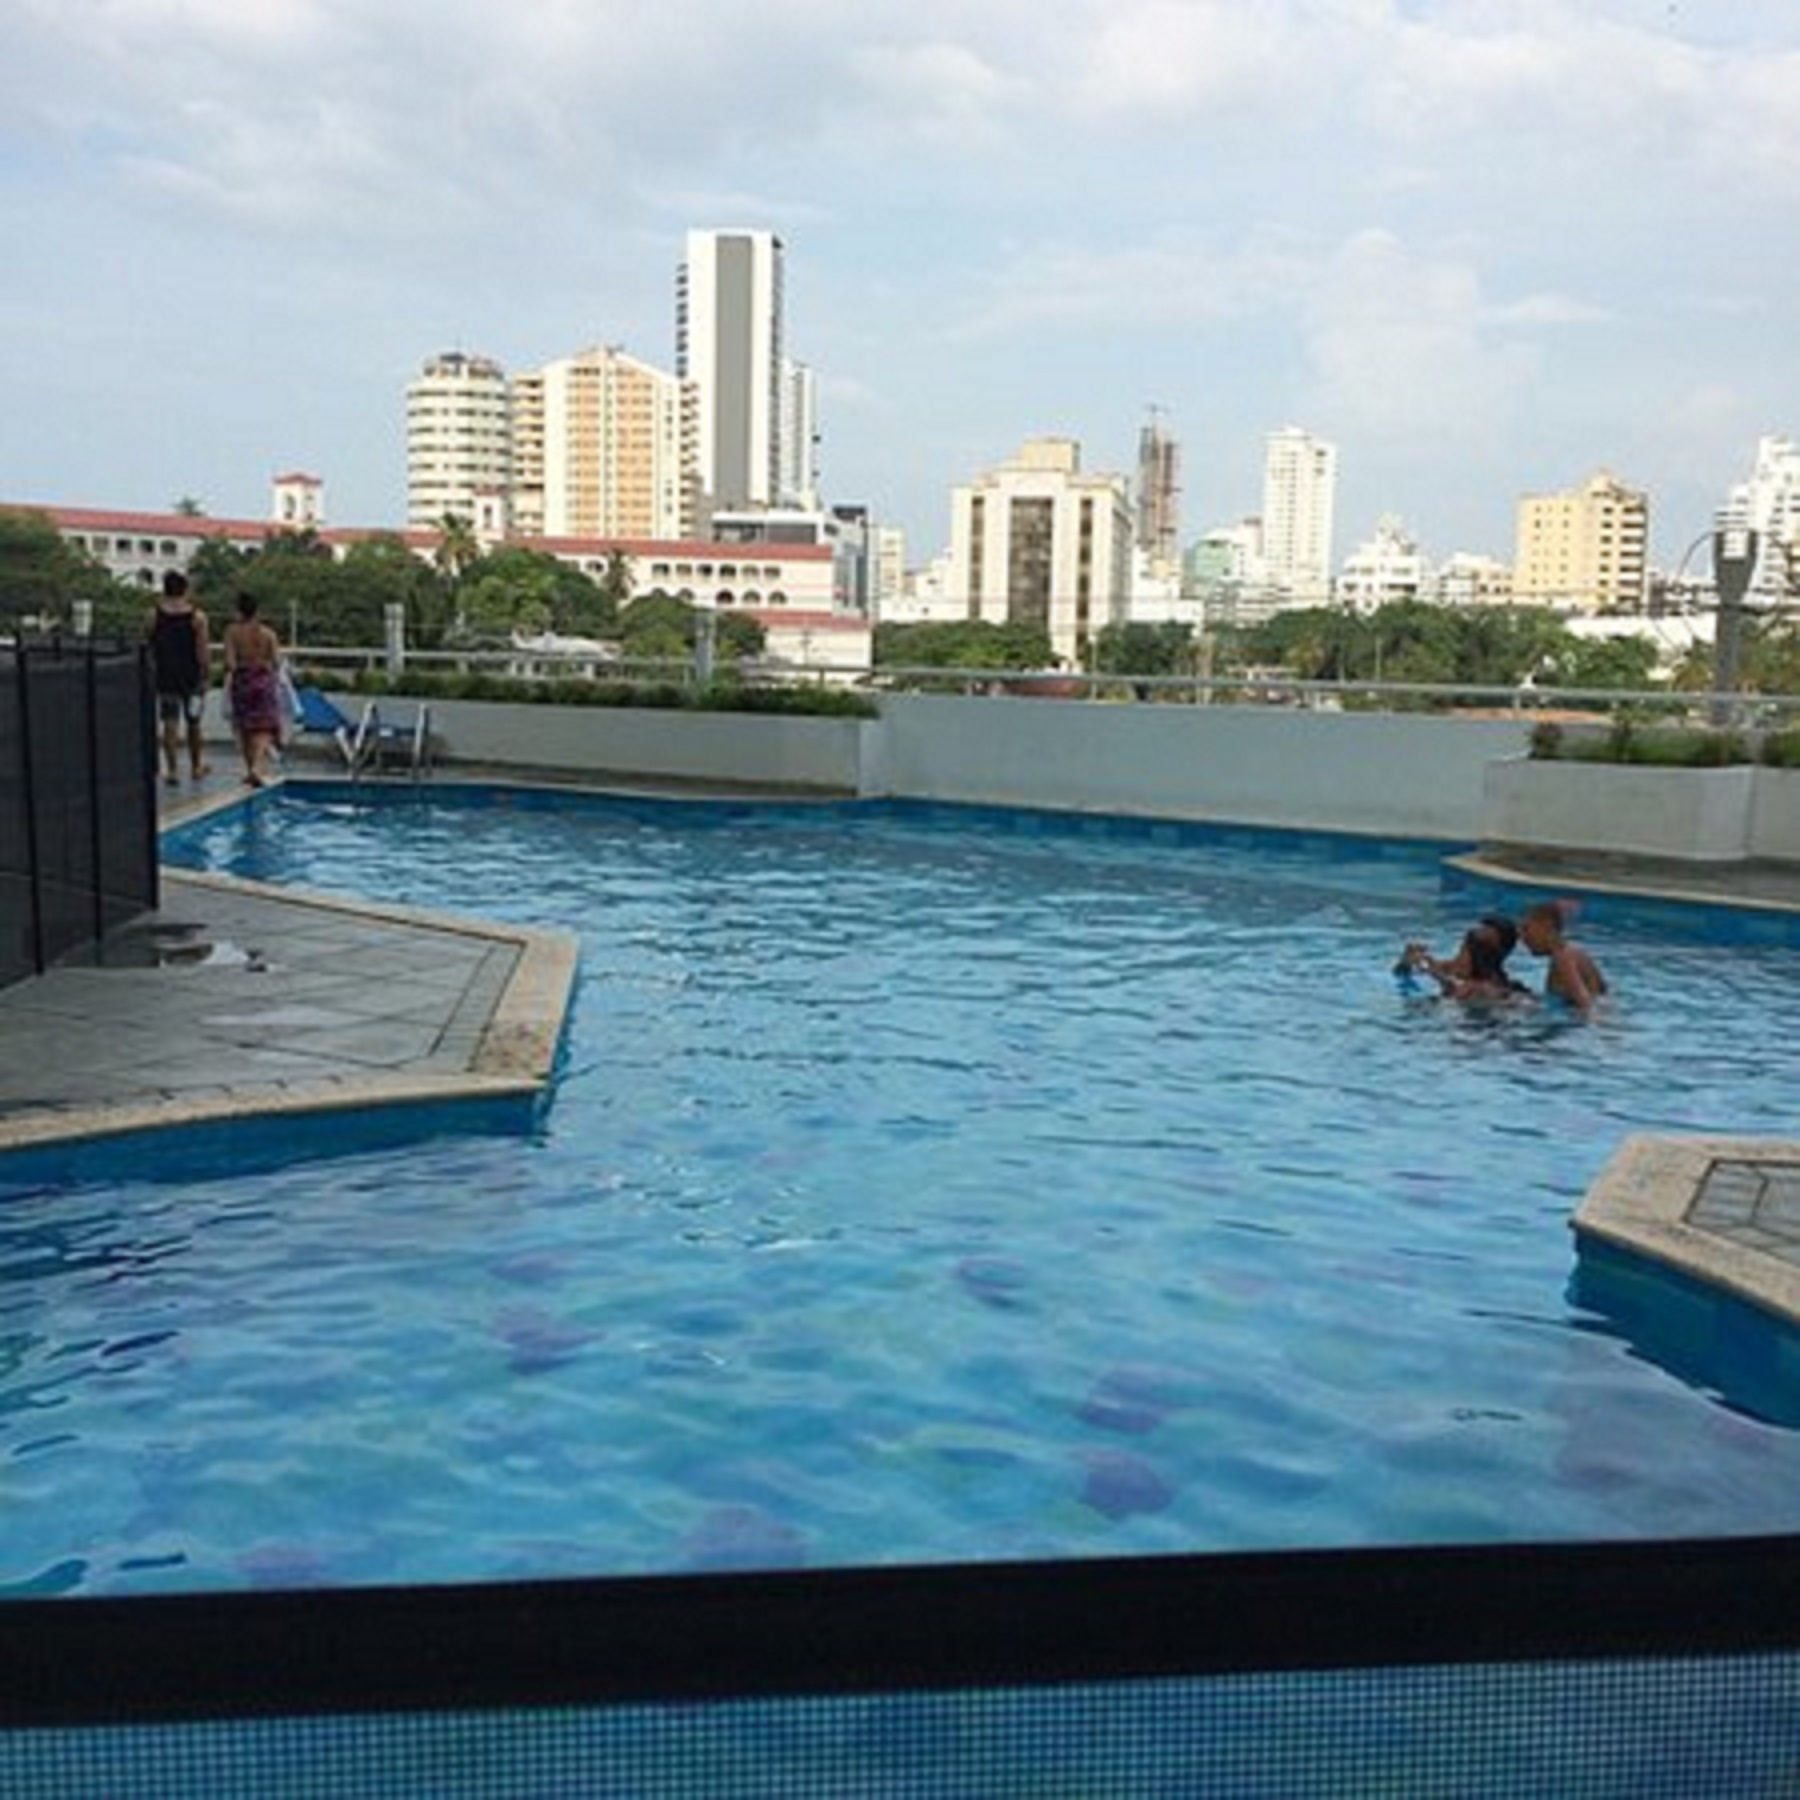 Wohnung in Cartagena Ocean Front 2tl3 pro Tag Klimaanlage und Wifi